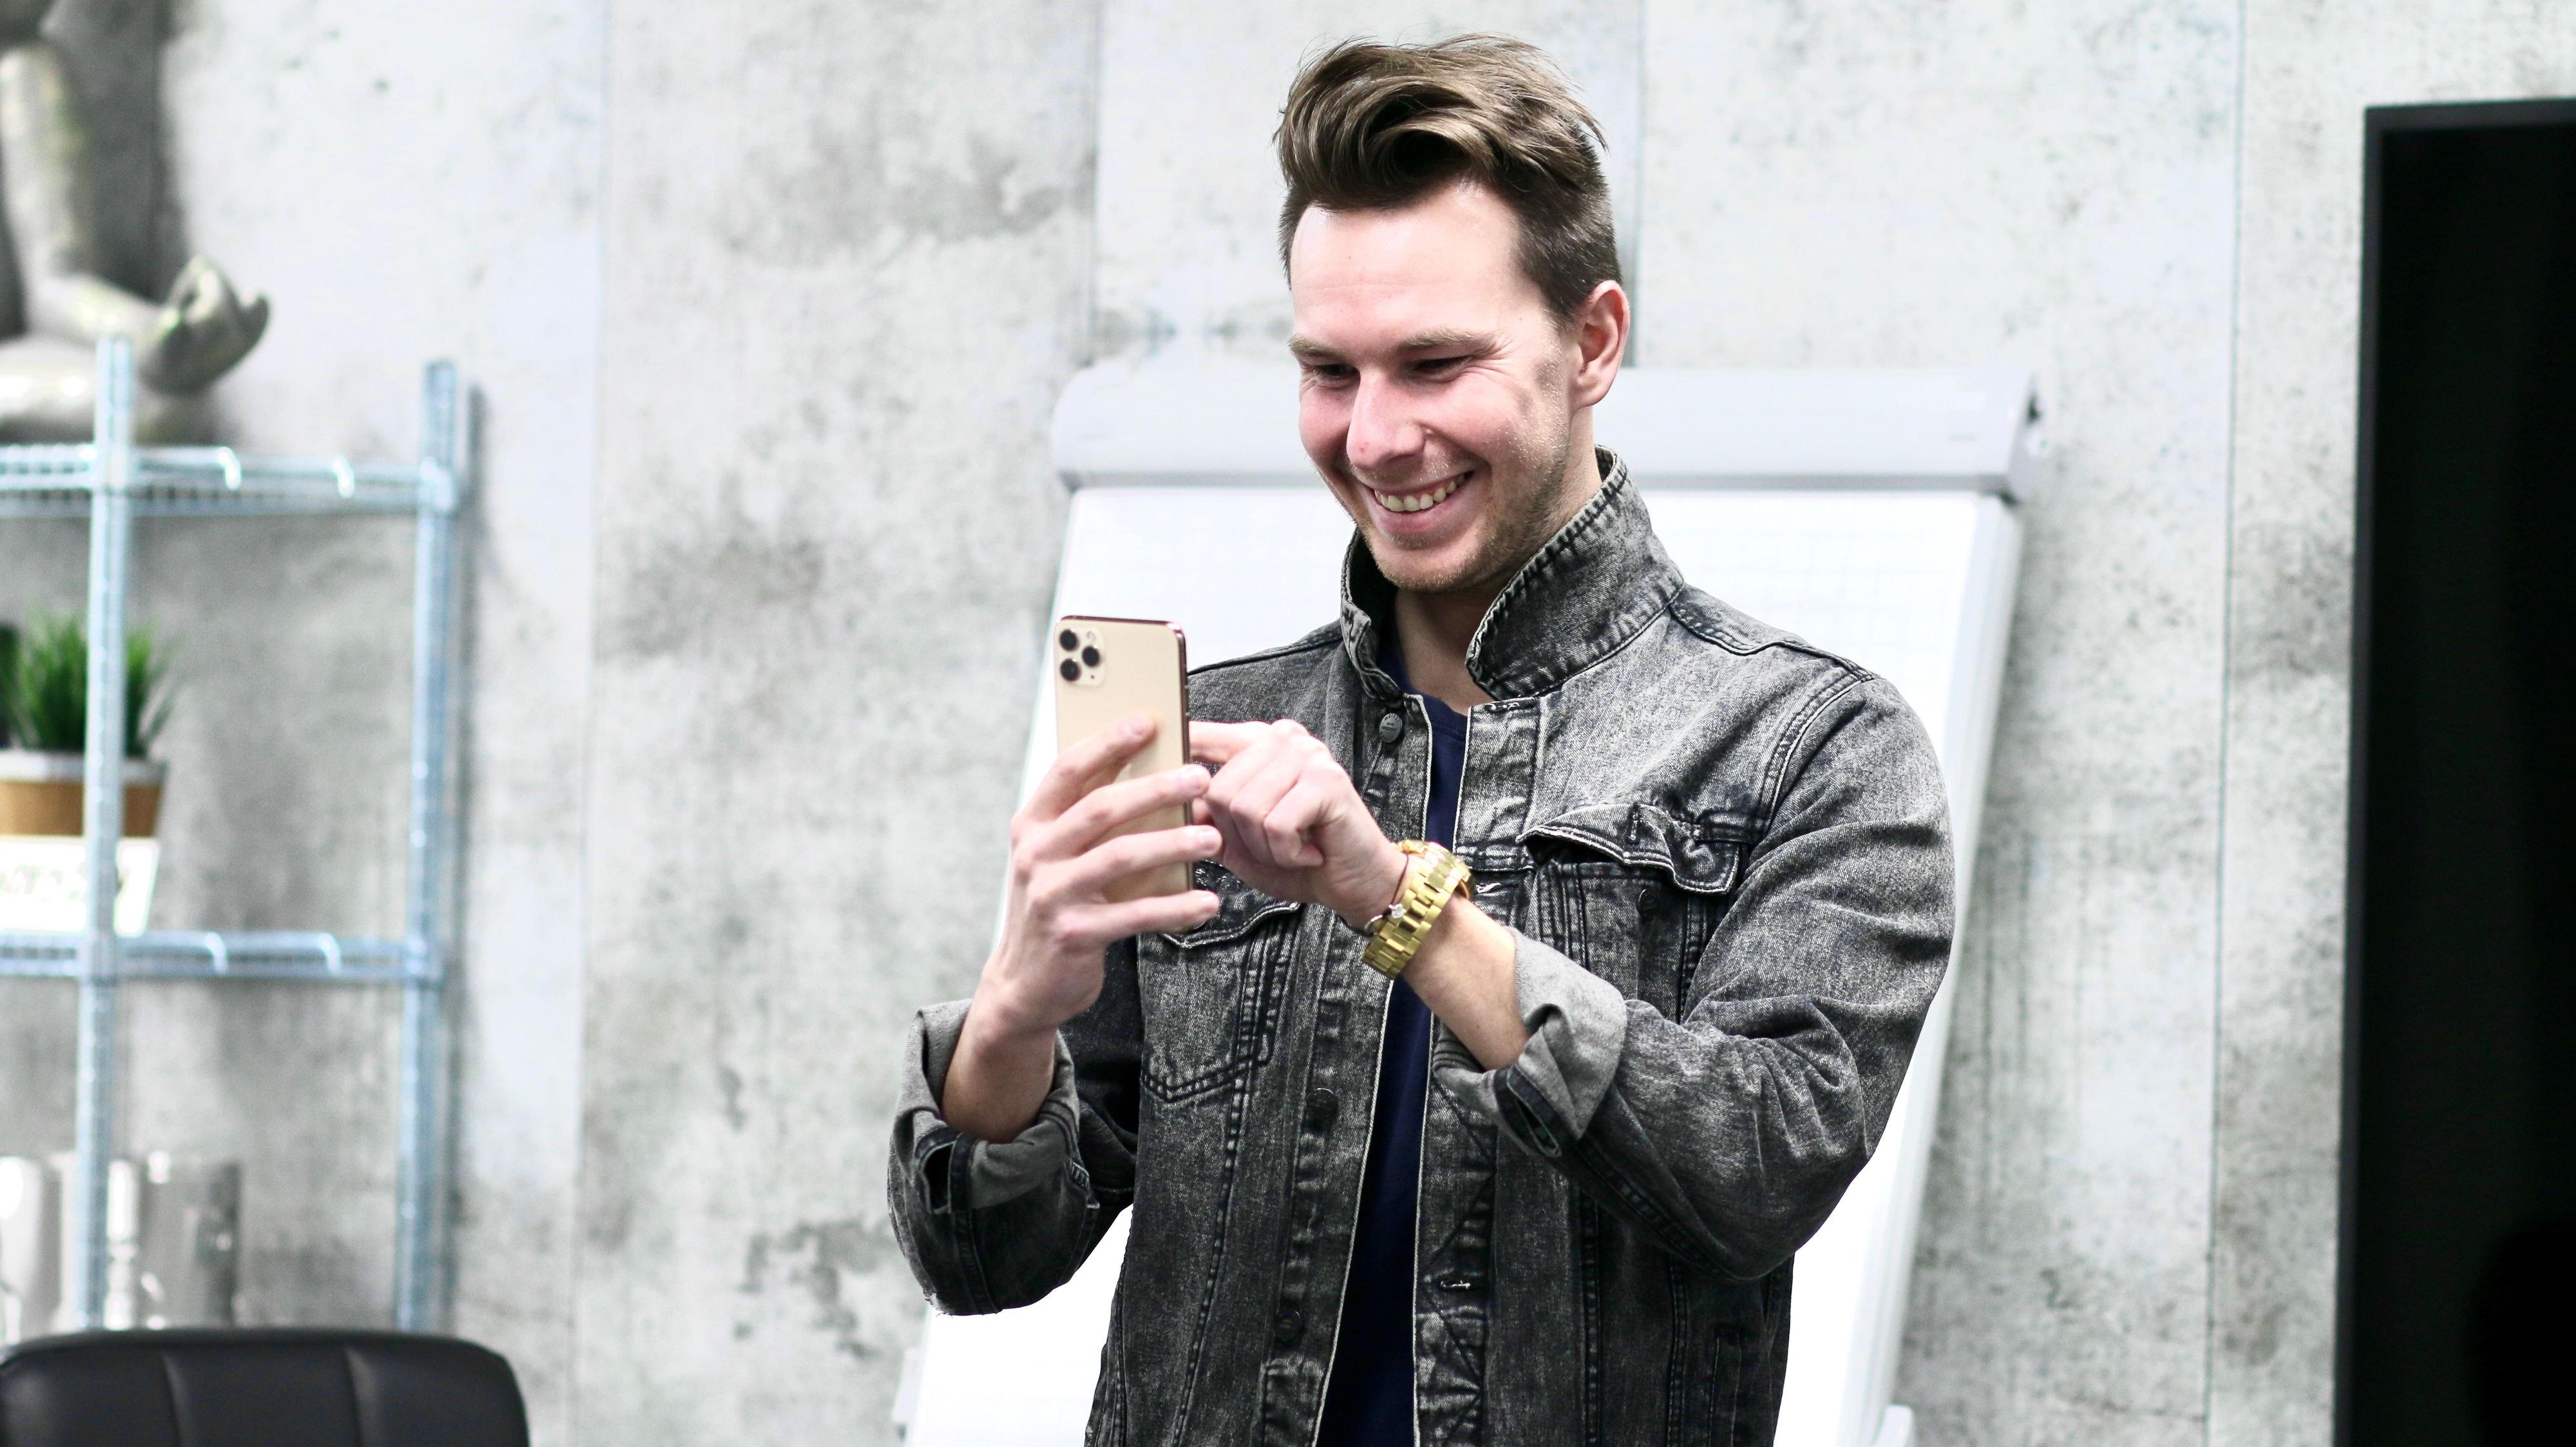 Weiß, was mit dem Smartphone alles möglich ist: Sebastian Heun ist Social-Media-Experte und berät mehr als 100 Unternehmen. Foto: Heun